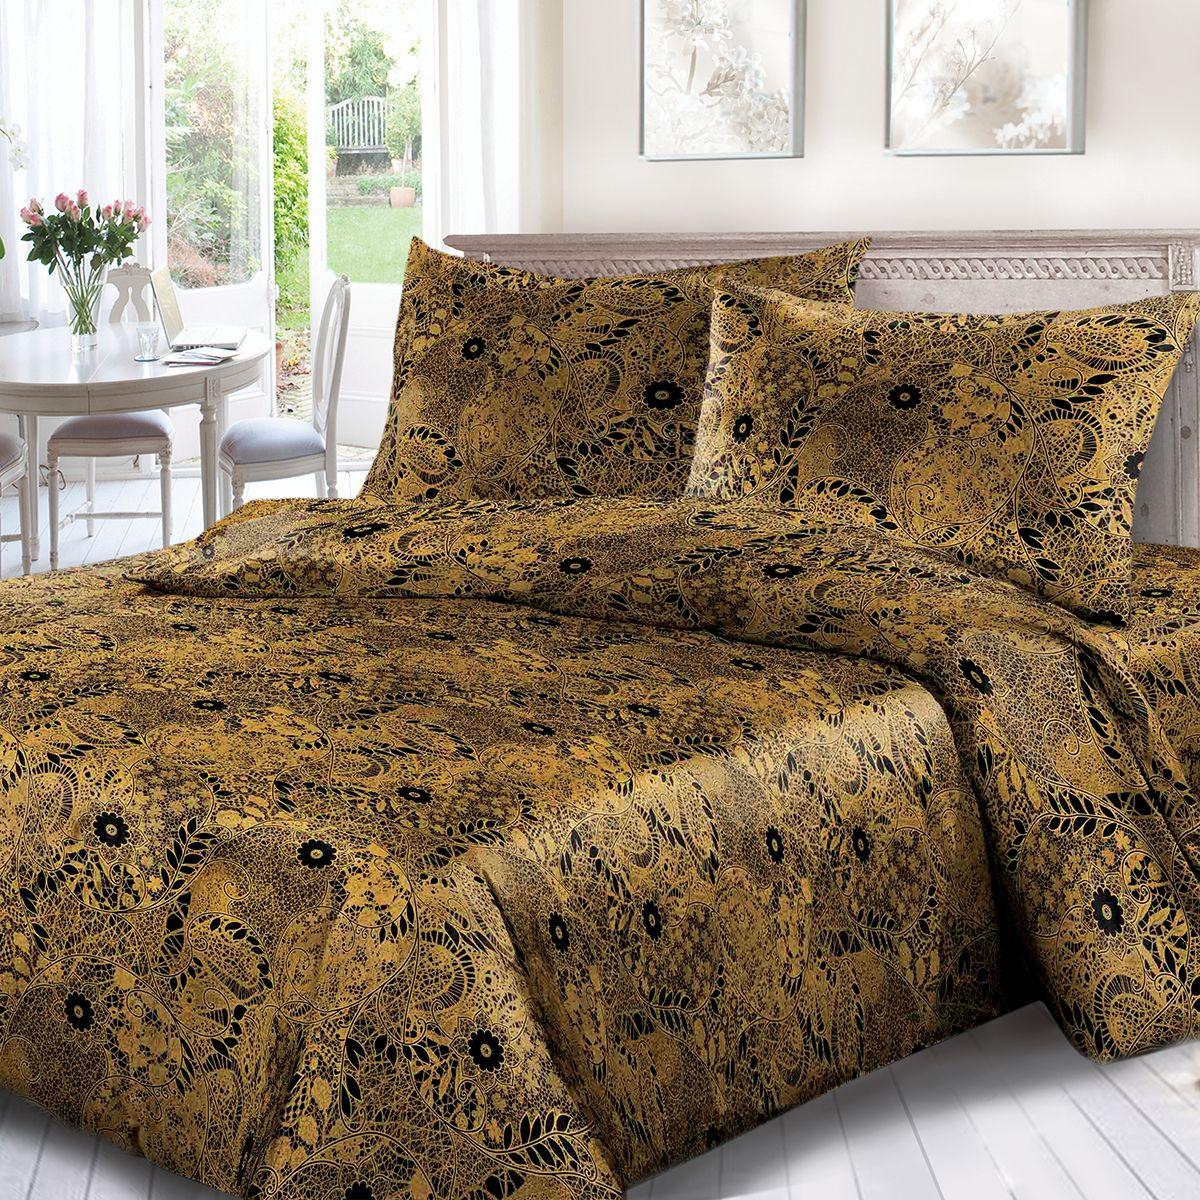 Комплект белья Сорренто Кружево, 1,5 спальное, наволочки 70x70, цвет: коричневый. 1698-189086